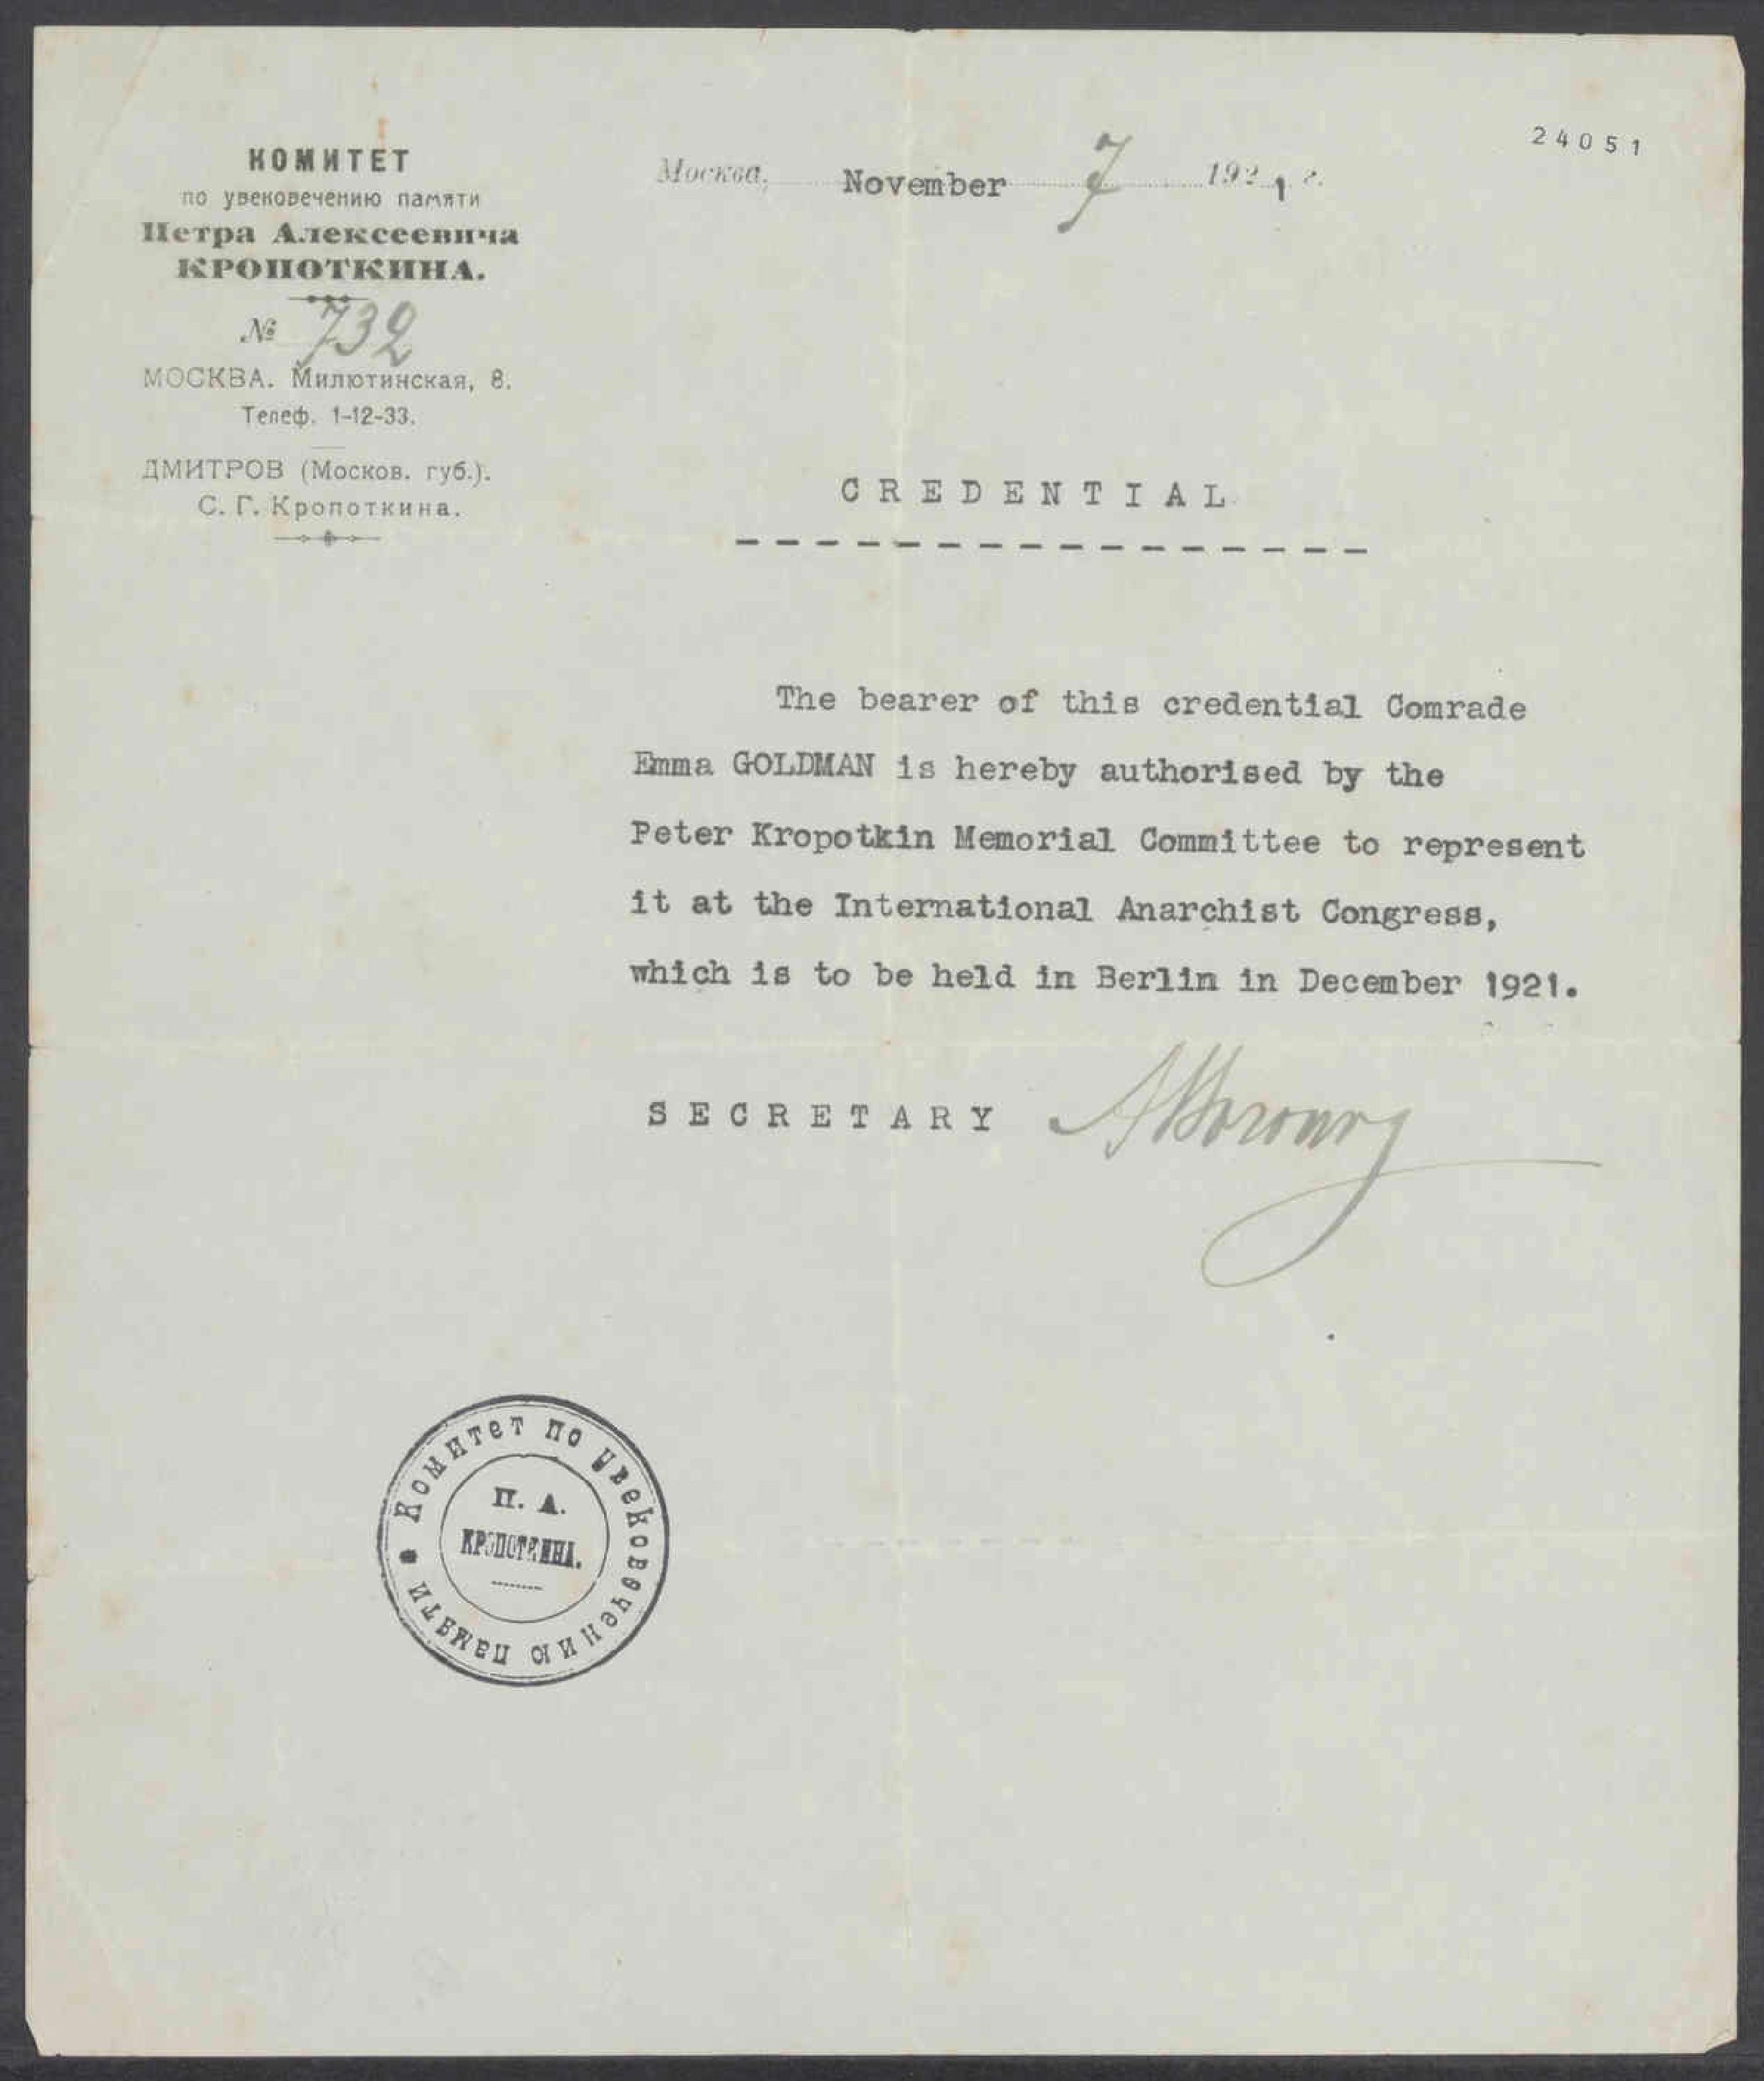 Делегирование полномочий Комитета по увековечению памяти П.А.Кропоктина Эмме Гольдман на Международном конгрессе Анархистов (IISH 520.293)